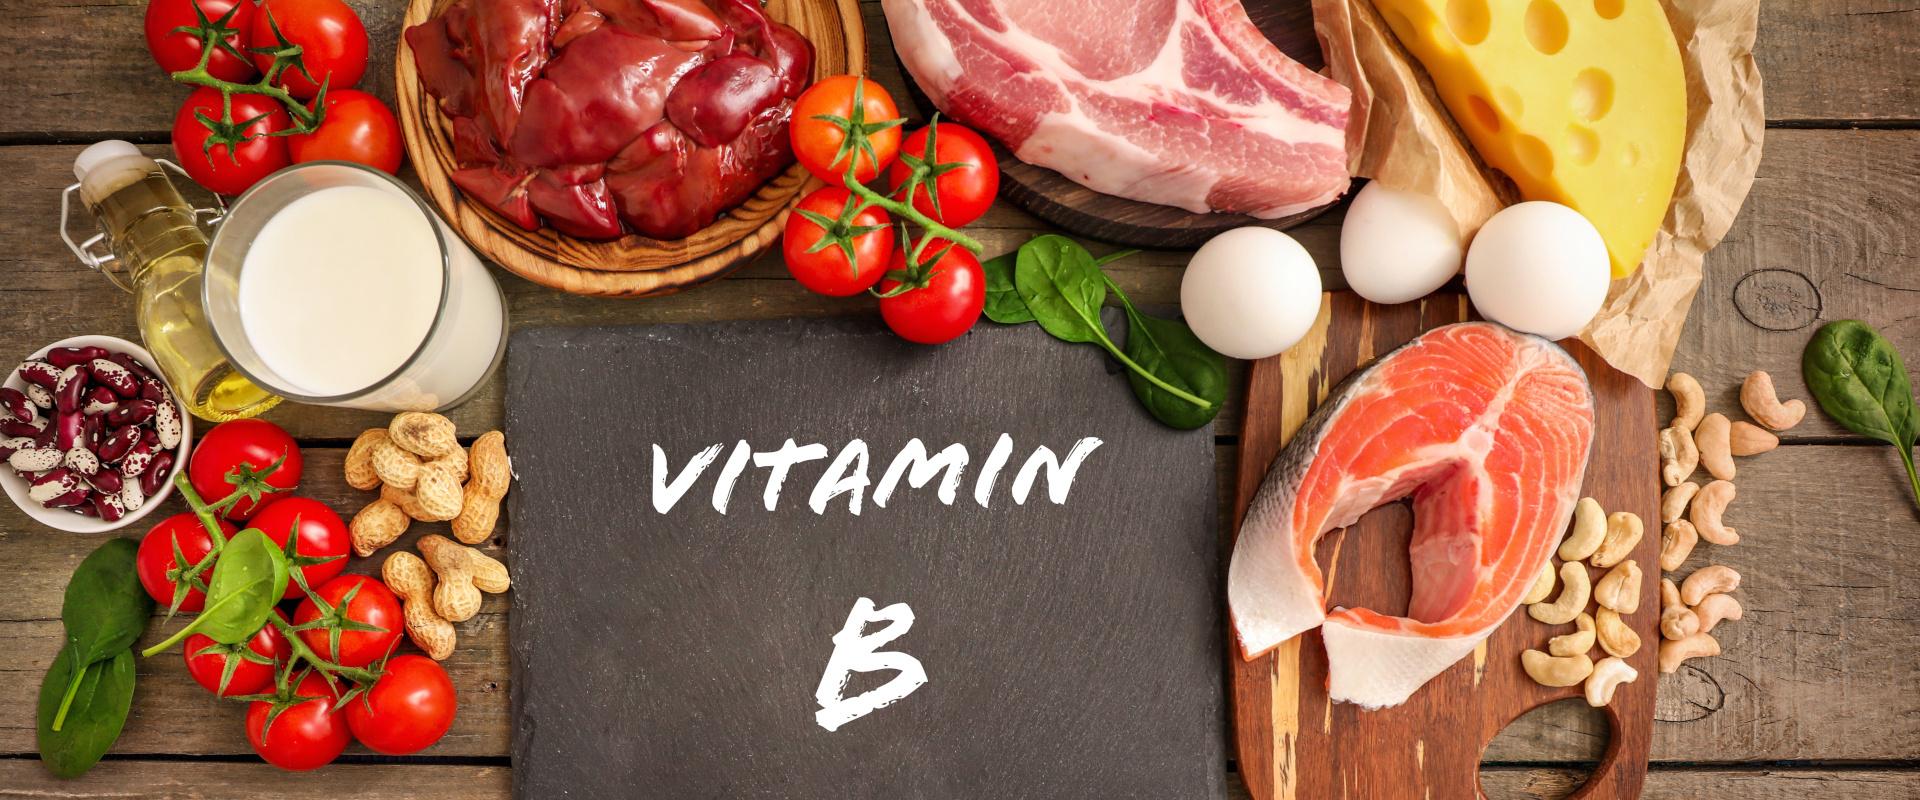 B vitamin cover